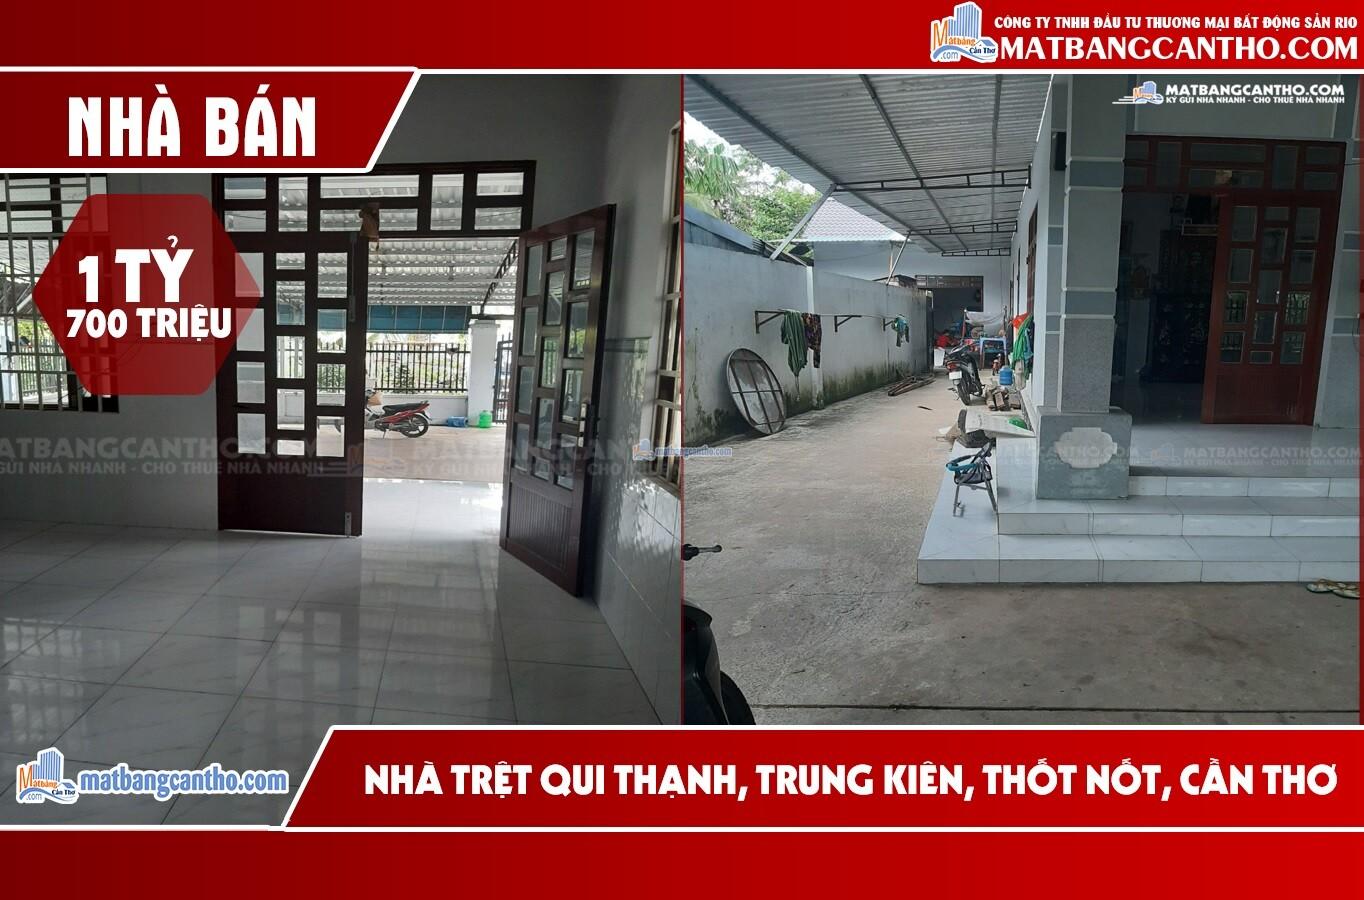 Bán nhà 454 m² Qui Thạnh 2 – Trung Kiên – Thốt Nốt – TPCT